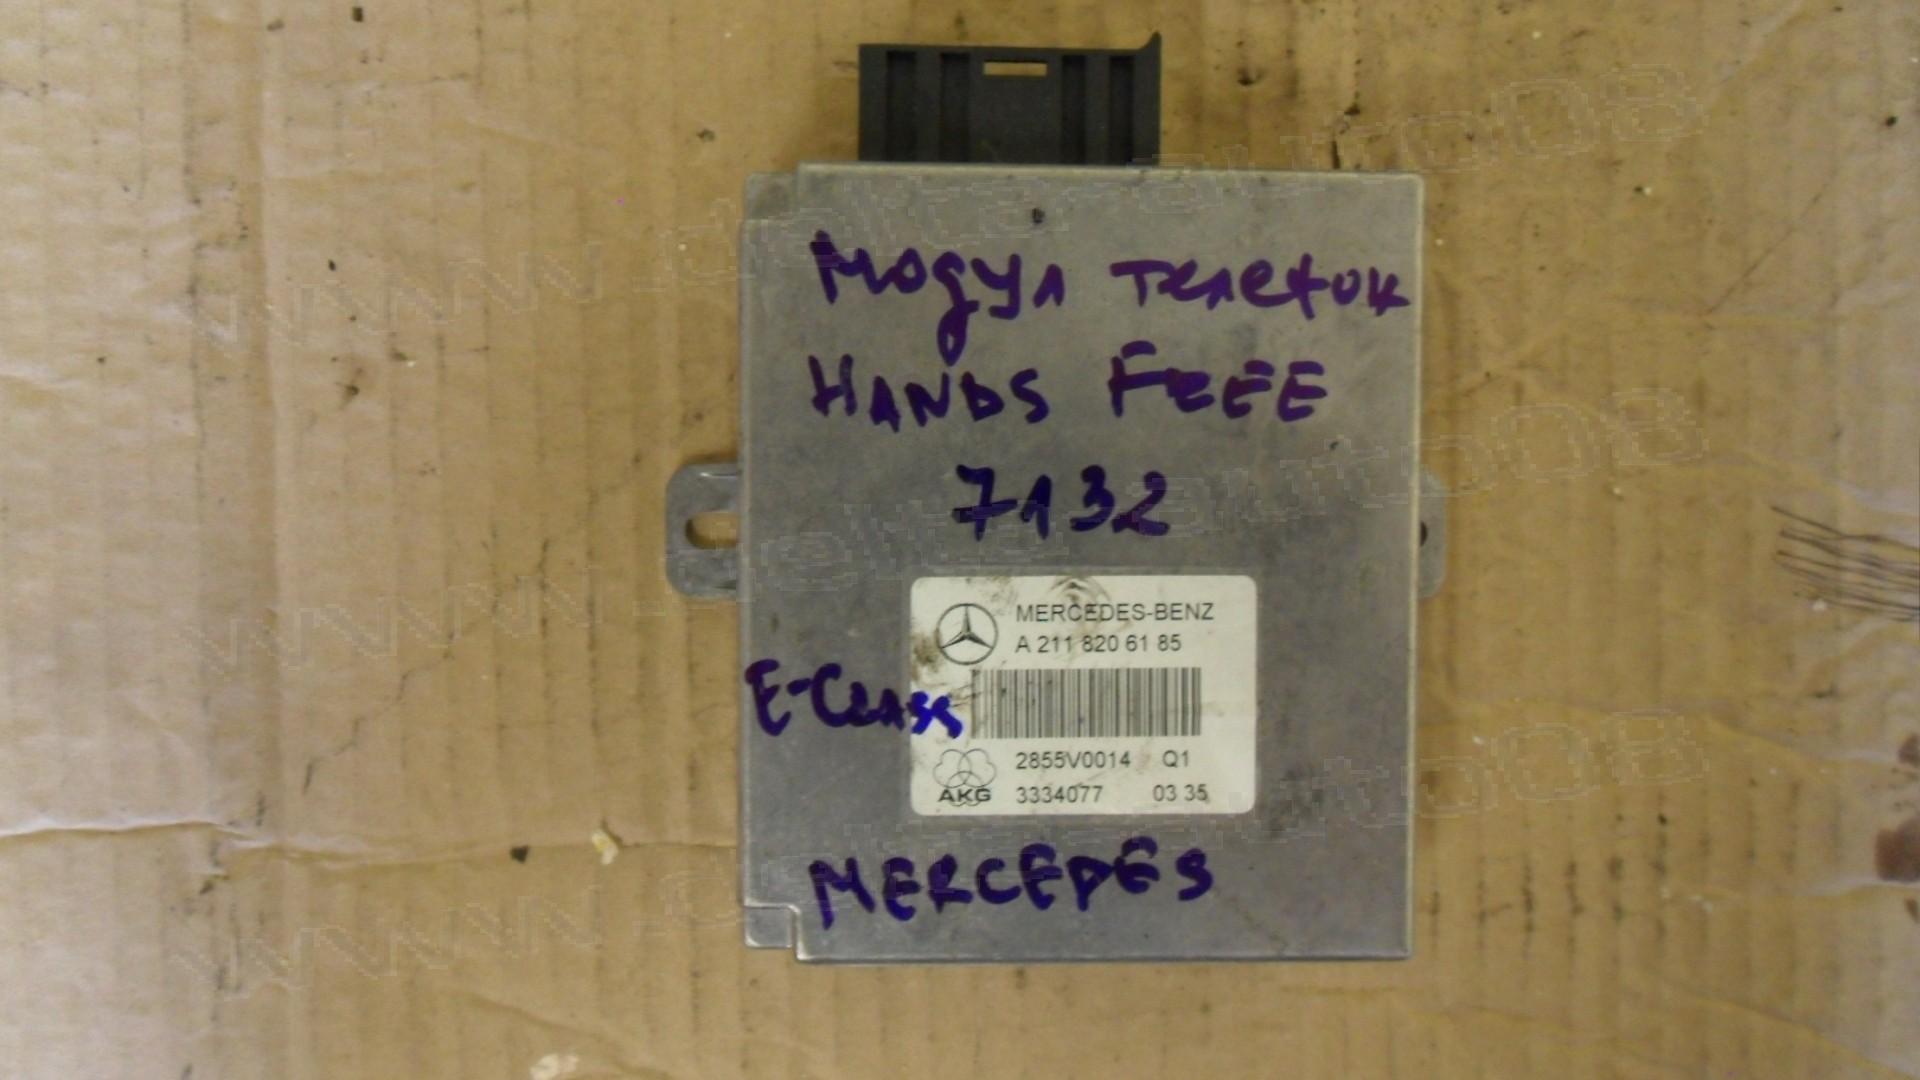 Модул телефон Hands Free за Mercedes E-Class, W211, S-Class, 2002-2009г., A 211 820 61 85, A2118206185